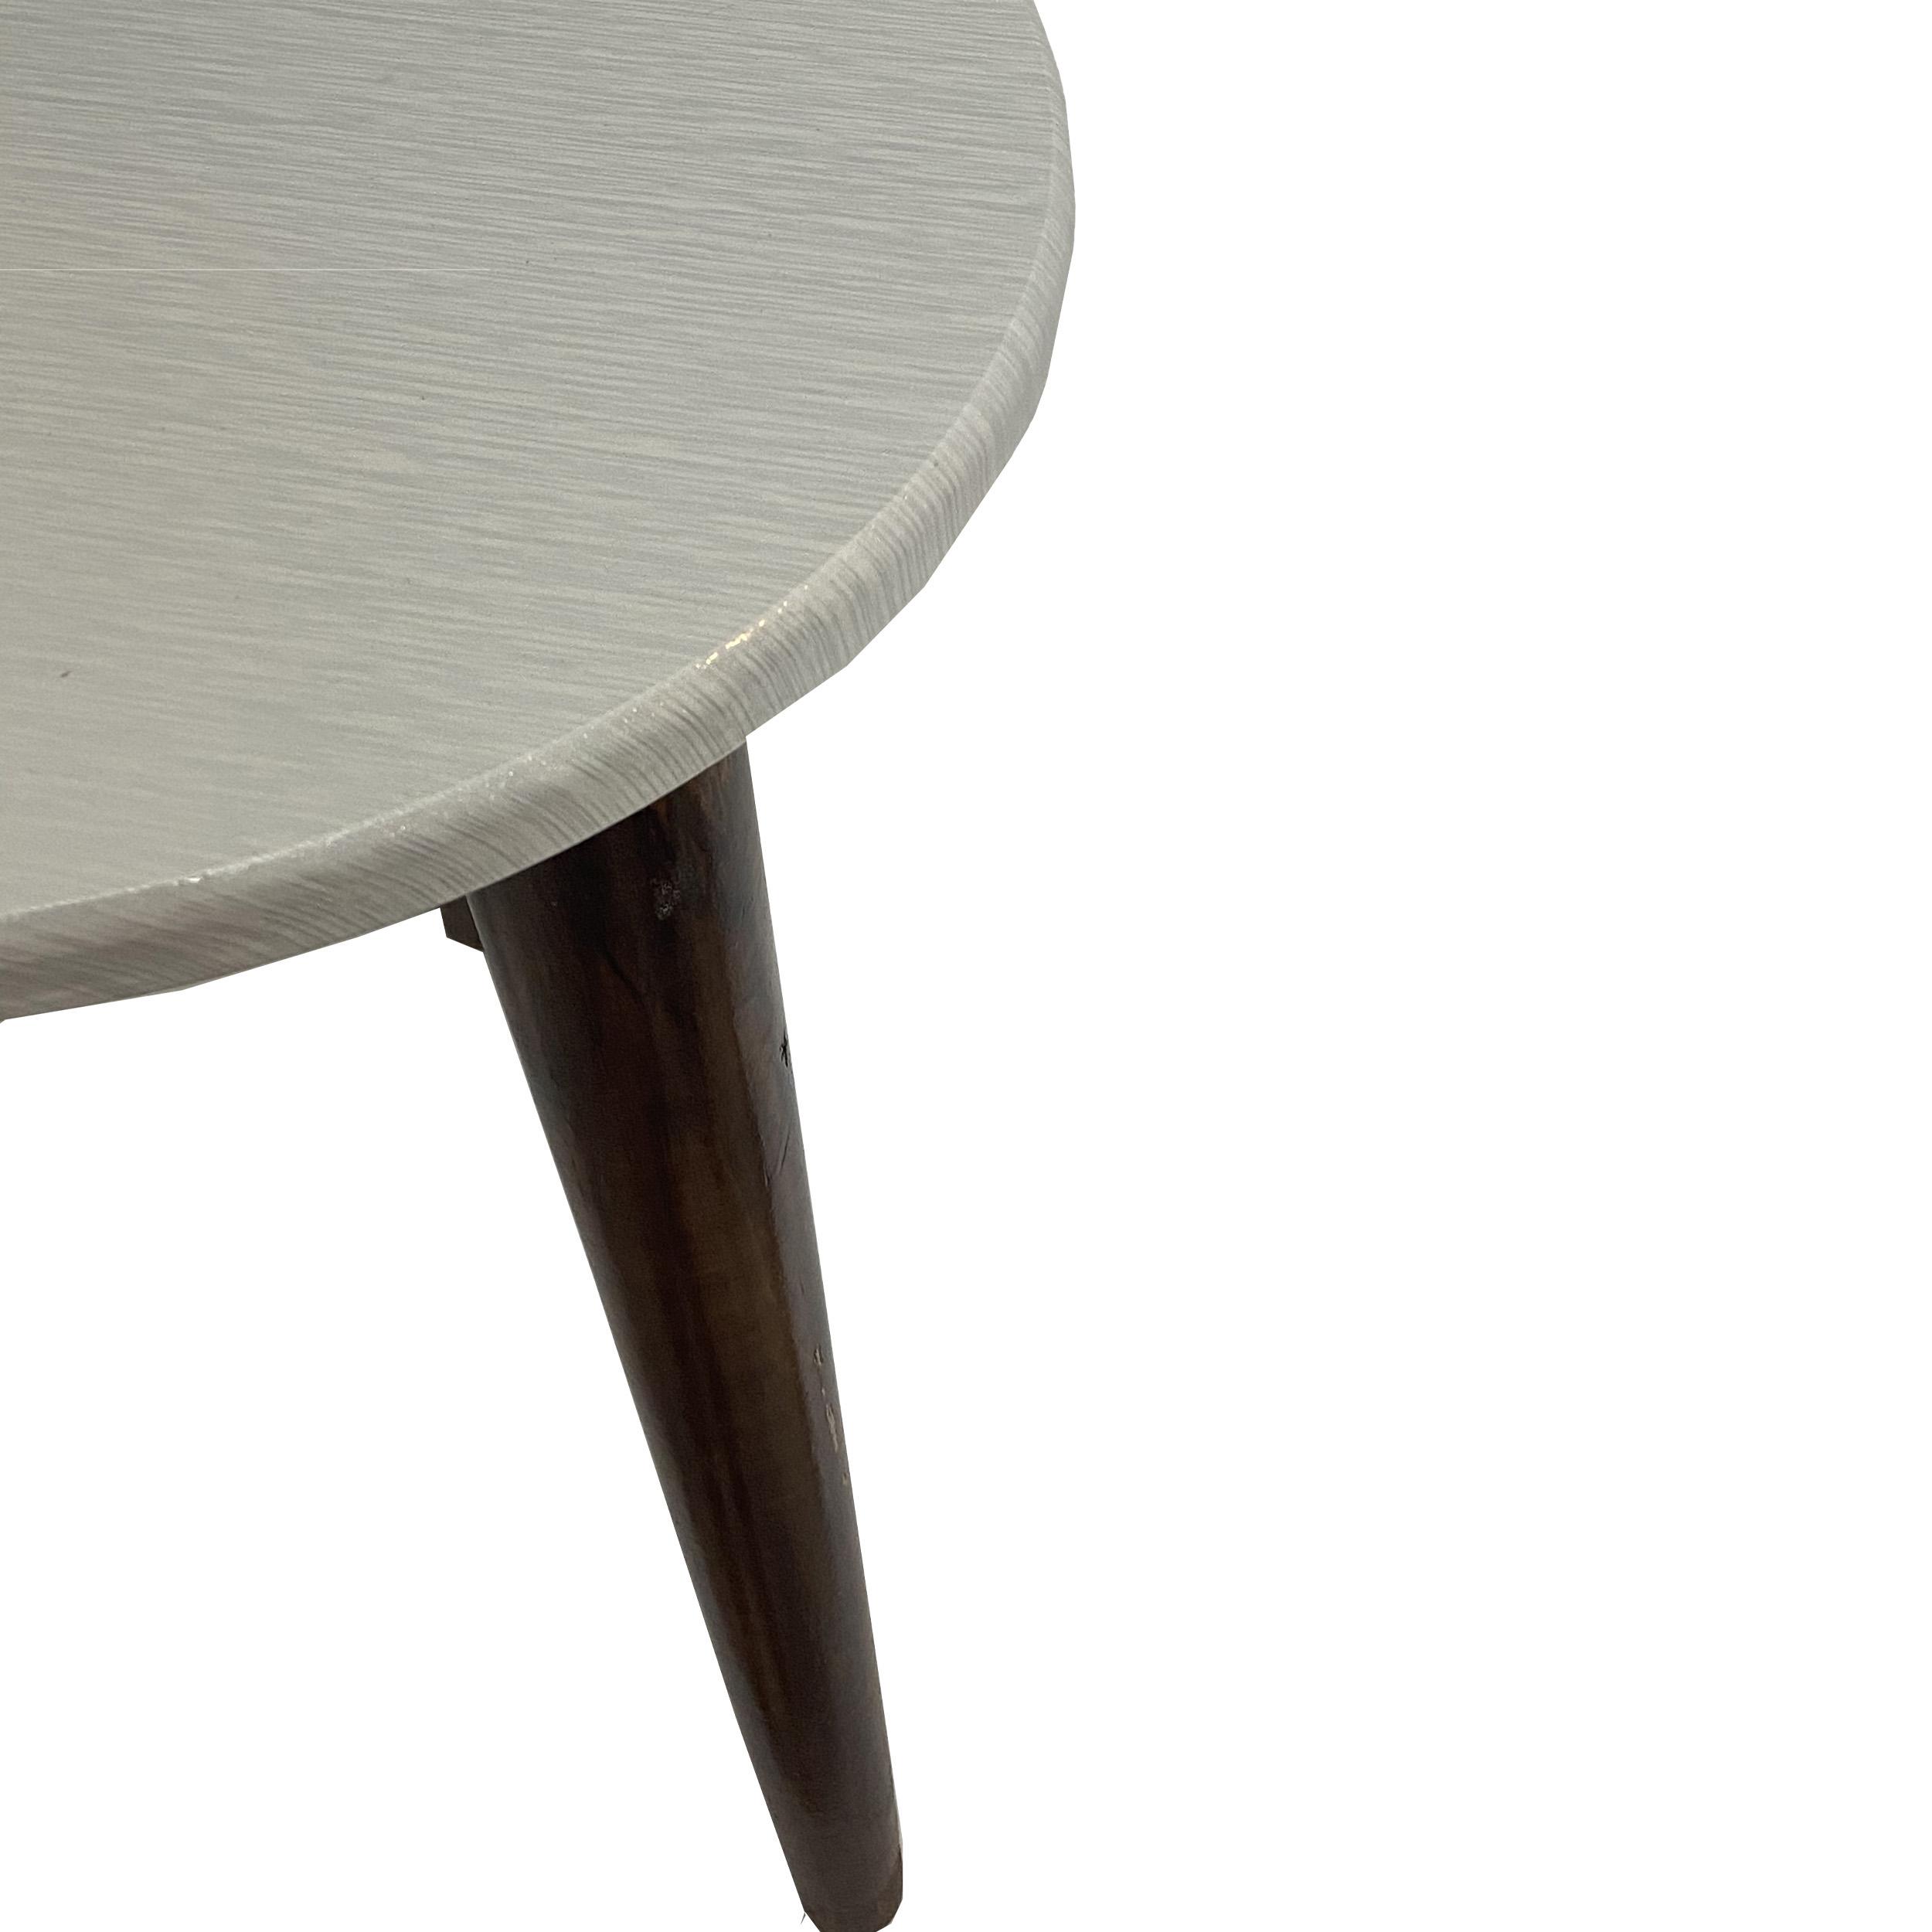 میز عسلی طرح سنگ کد 654